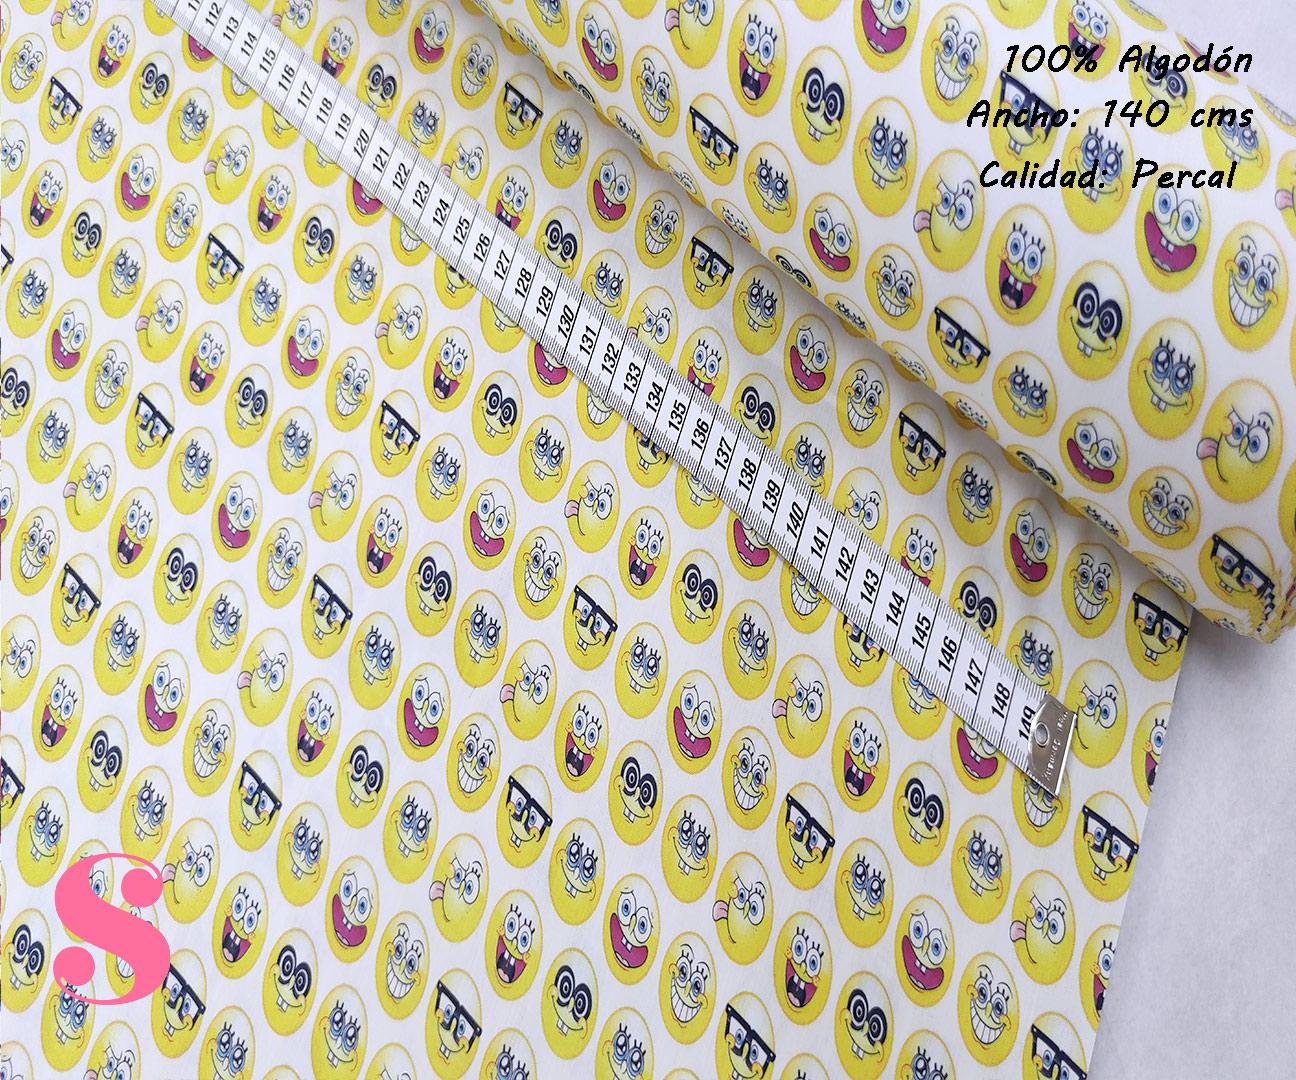 L19-emoticonos-caras-americano-tejidos-algodón-estampado-percal,Tejido Estampado Bob Esponja Emoticonos